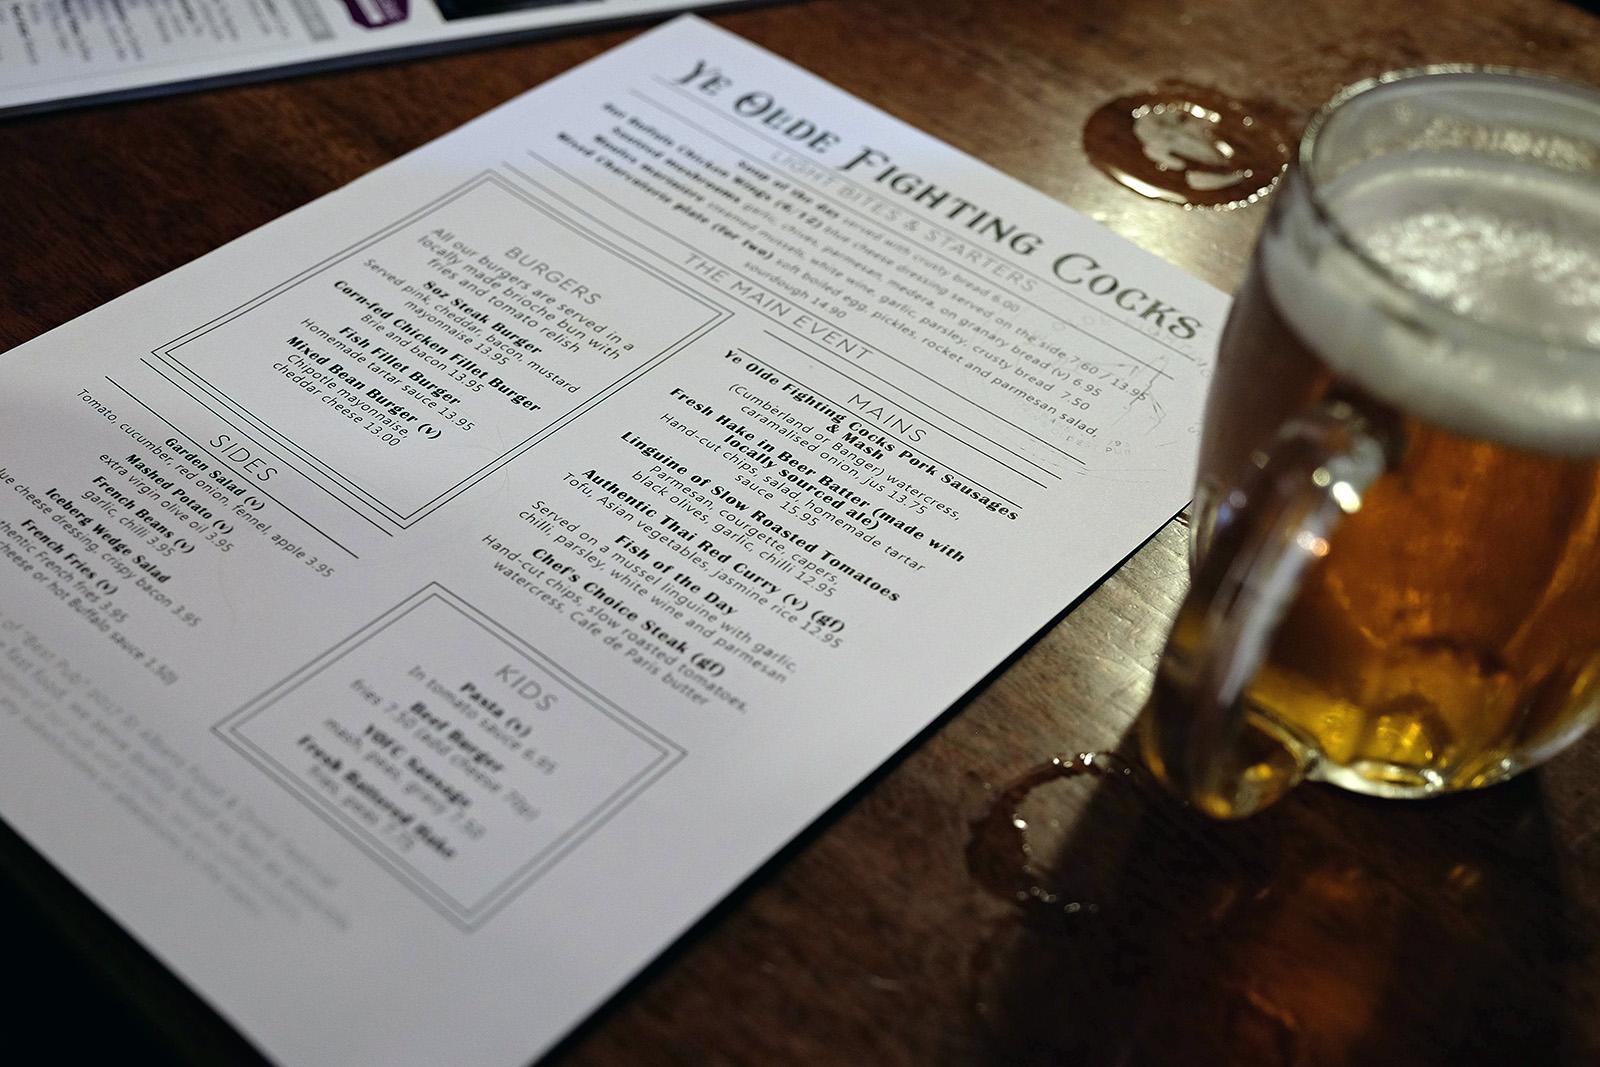 Hospoda je úžasná. Protknutá historií, do dneška bojující jako kohout o titul nejstarší pub v Anglii